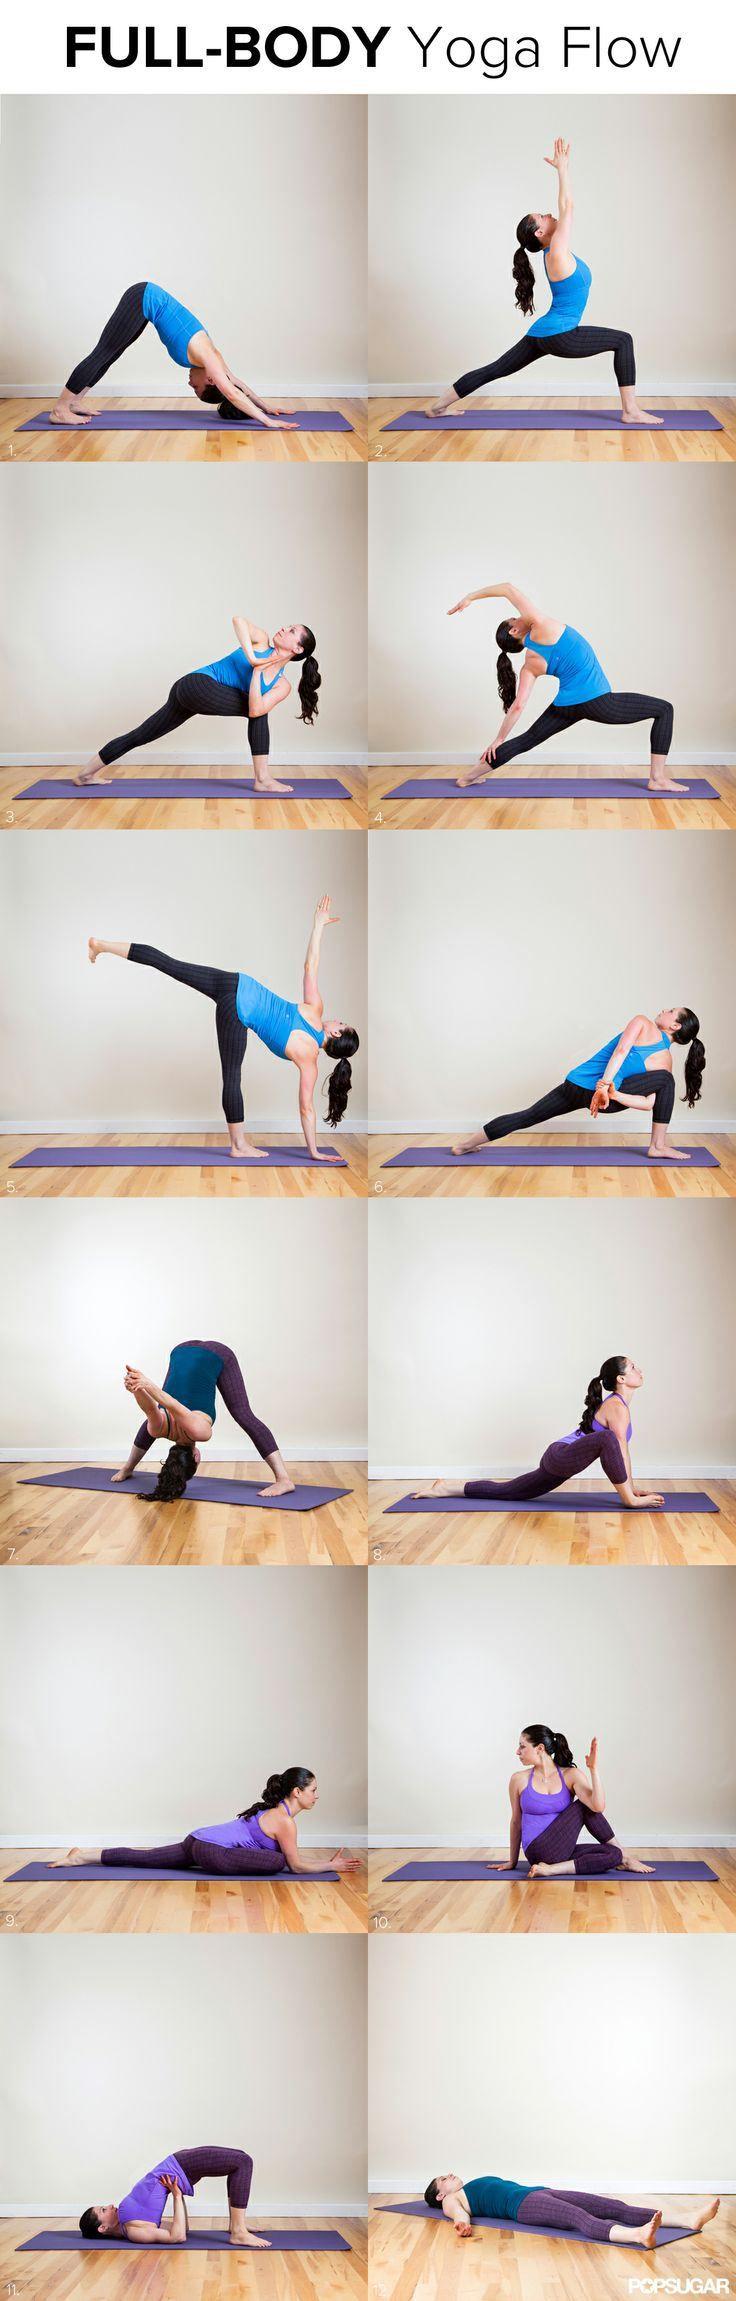 Full Body Yoga Flow by popsugar via sincerelycarlie #Yoga_Flow